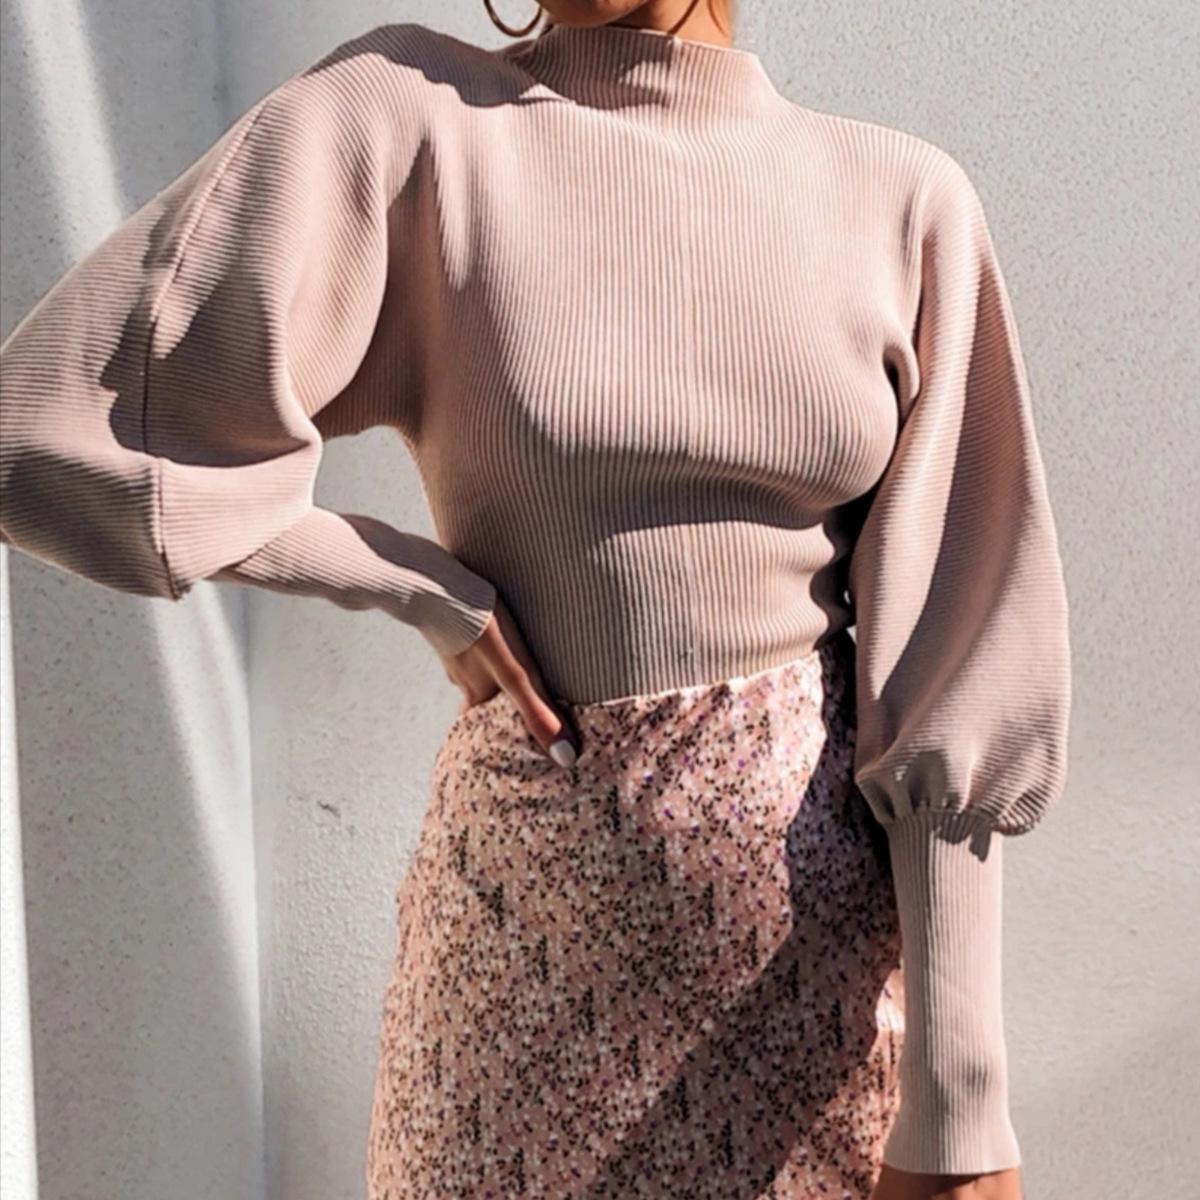 Ladies '2020 Hot Vente Femmes Mode Lanterne manches couleur unie Tricoté Pull Pull Hauts Vêtements décontractés